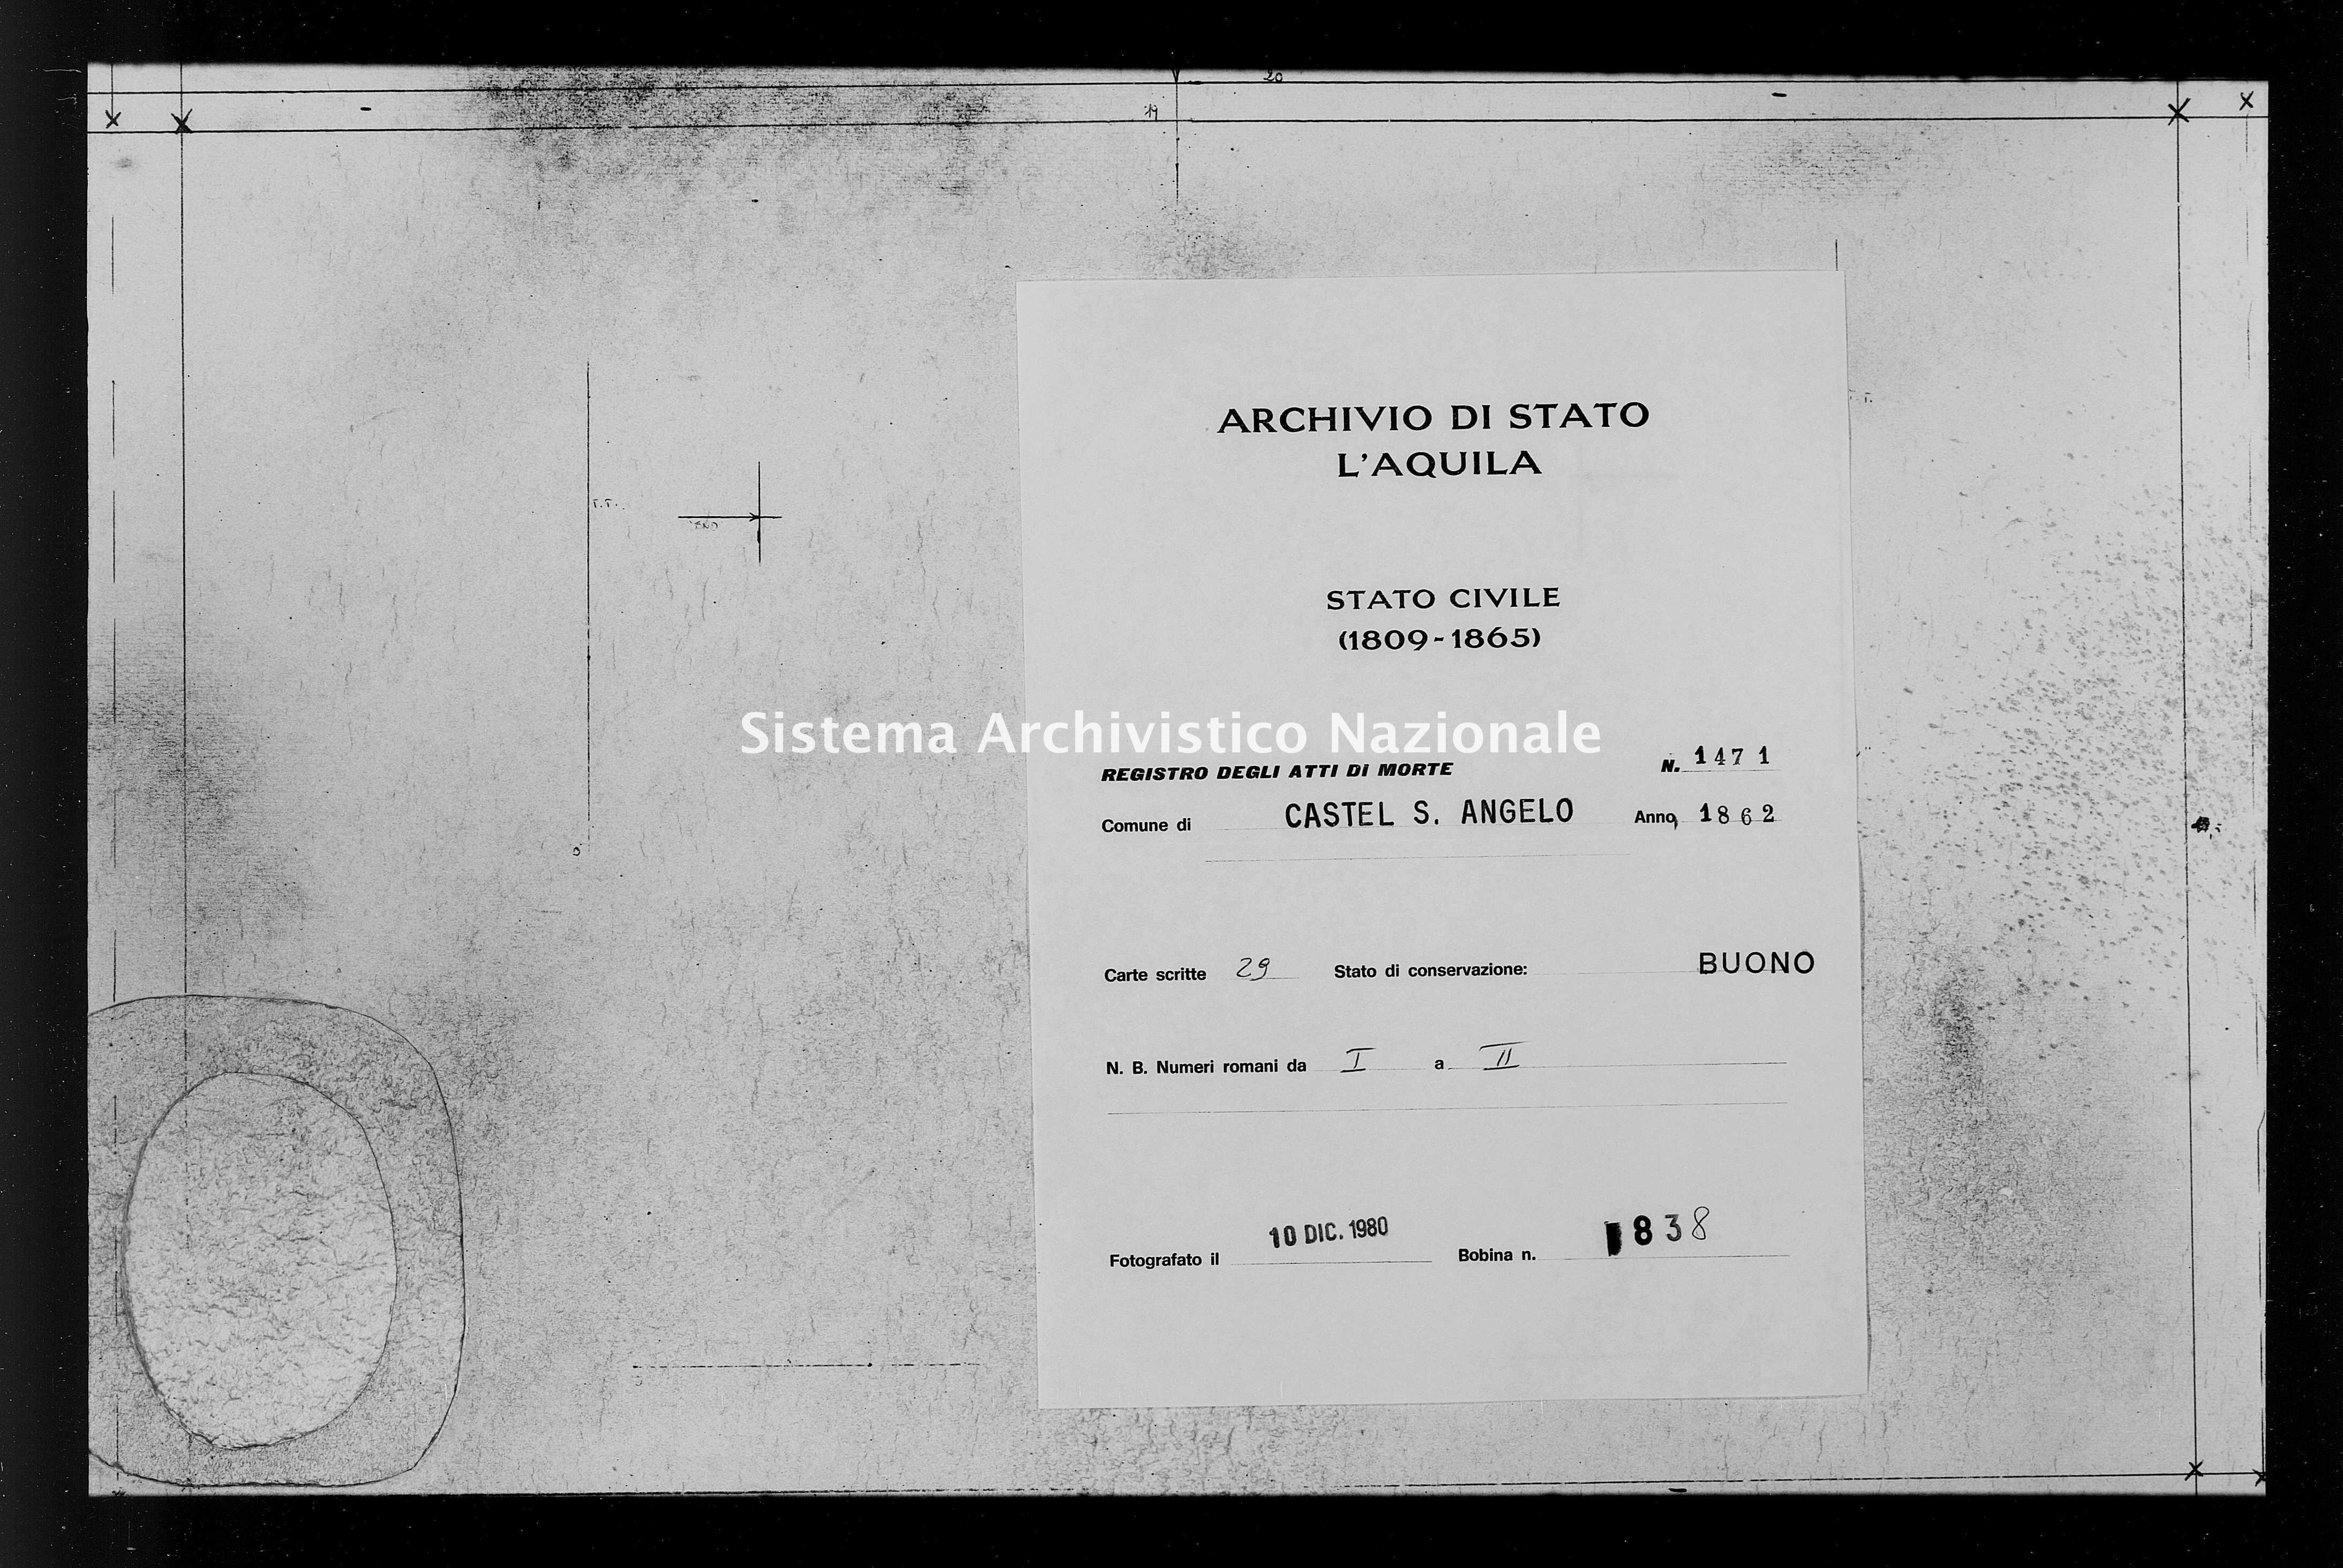 Archivio di stato di L'aquila - Stato civile italiano - Castel Sant'Angelo - Morti - 1862 - 1471 -